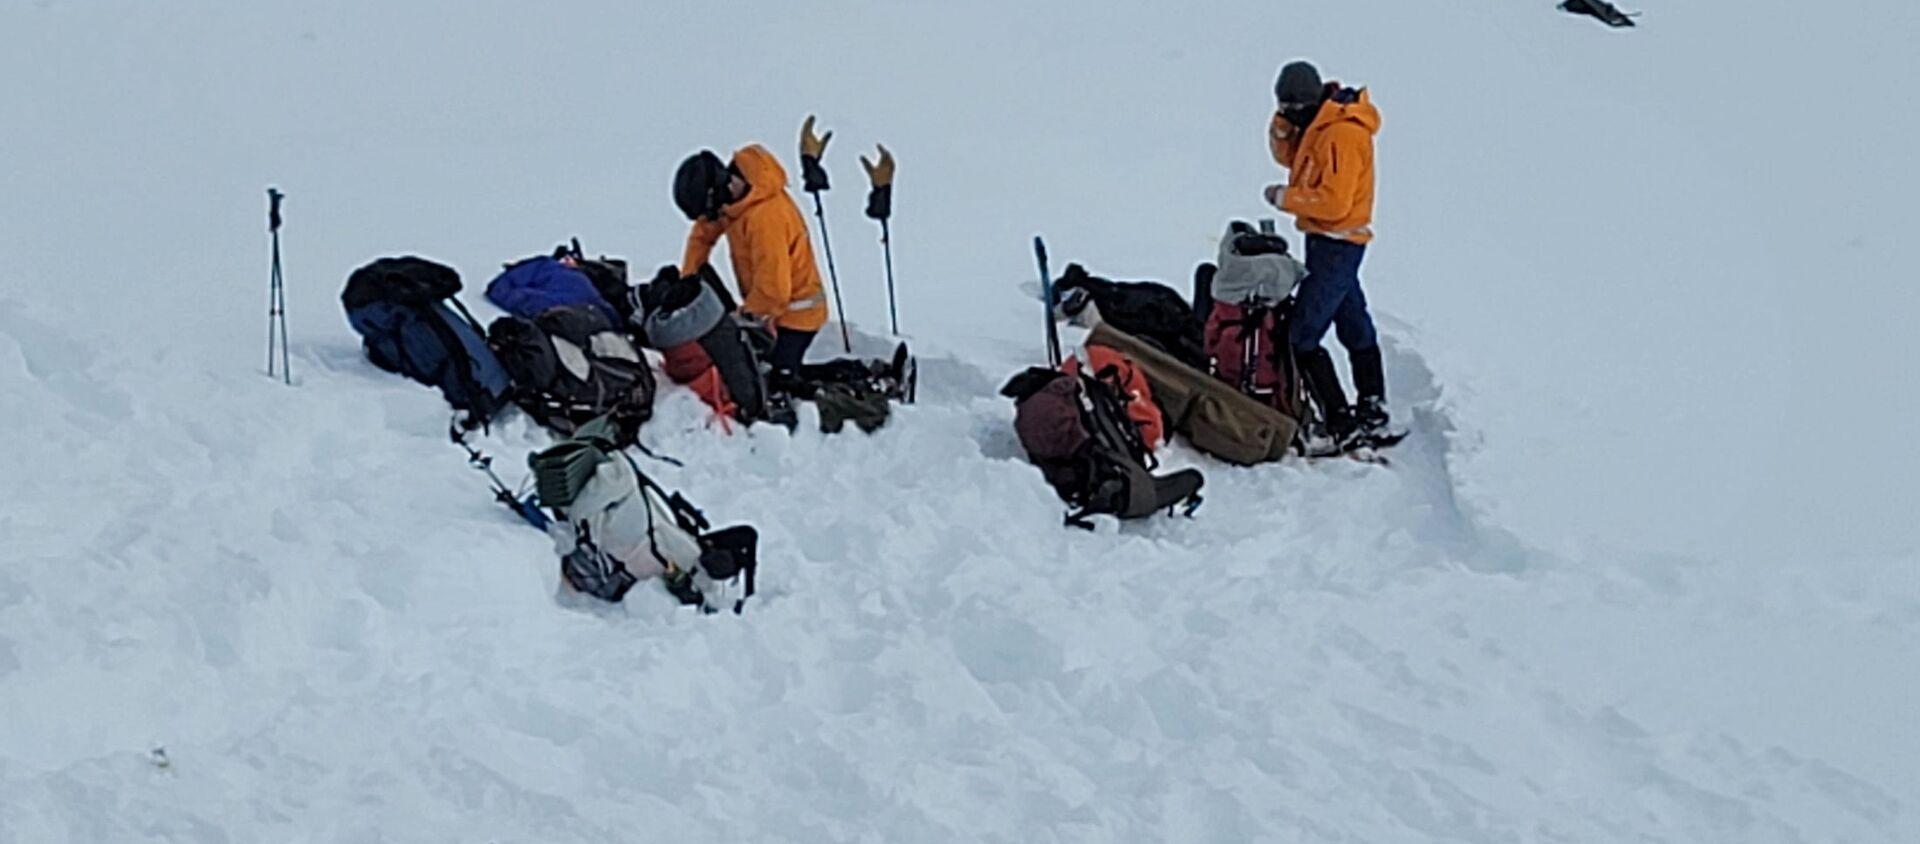 Dobrovolníci z Aljašské záchranné horské služby u místa nehody vrtulníku s Petrem Kellnerem - Sputnik Česká republika, 1920, 09.04.2021